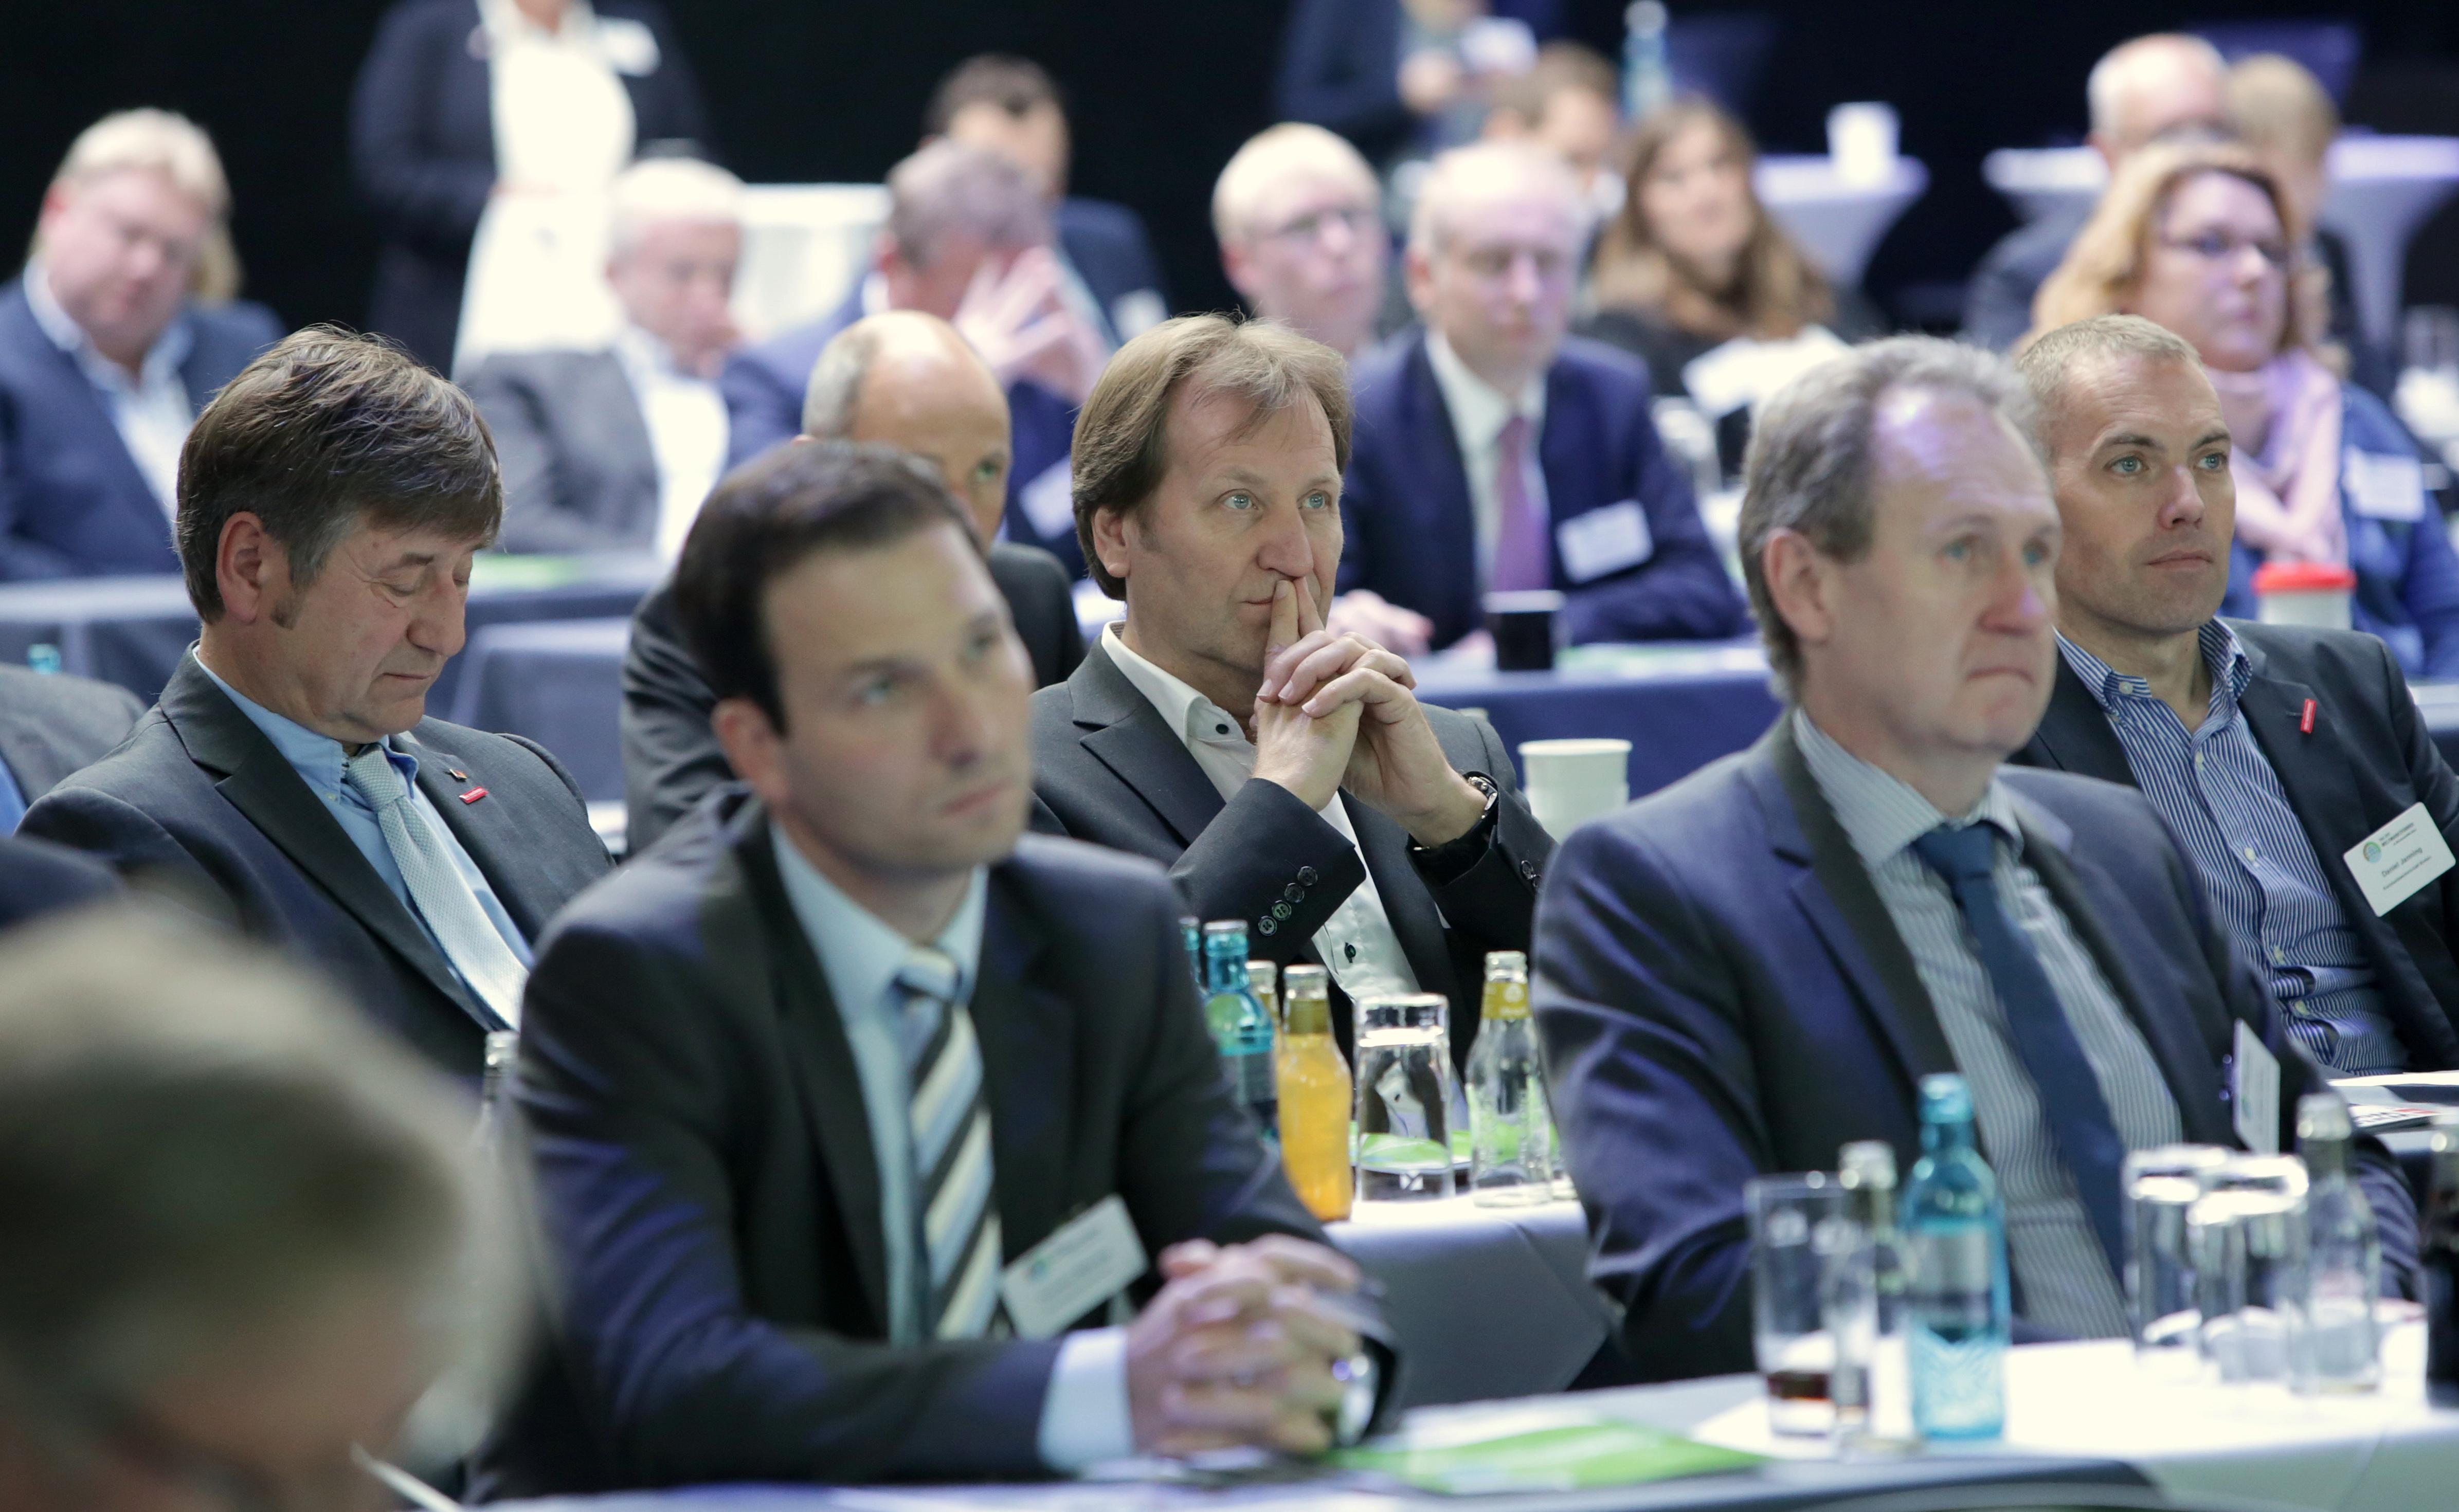 Premiere des Tages der Weltmarktführer Münsterland/Westfalen zeigt Kreativität und Vielfältigkeit der Region